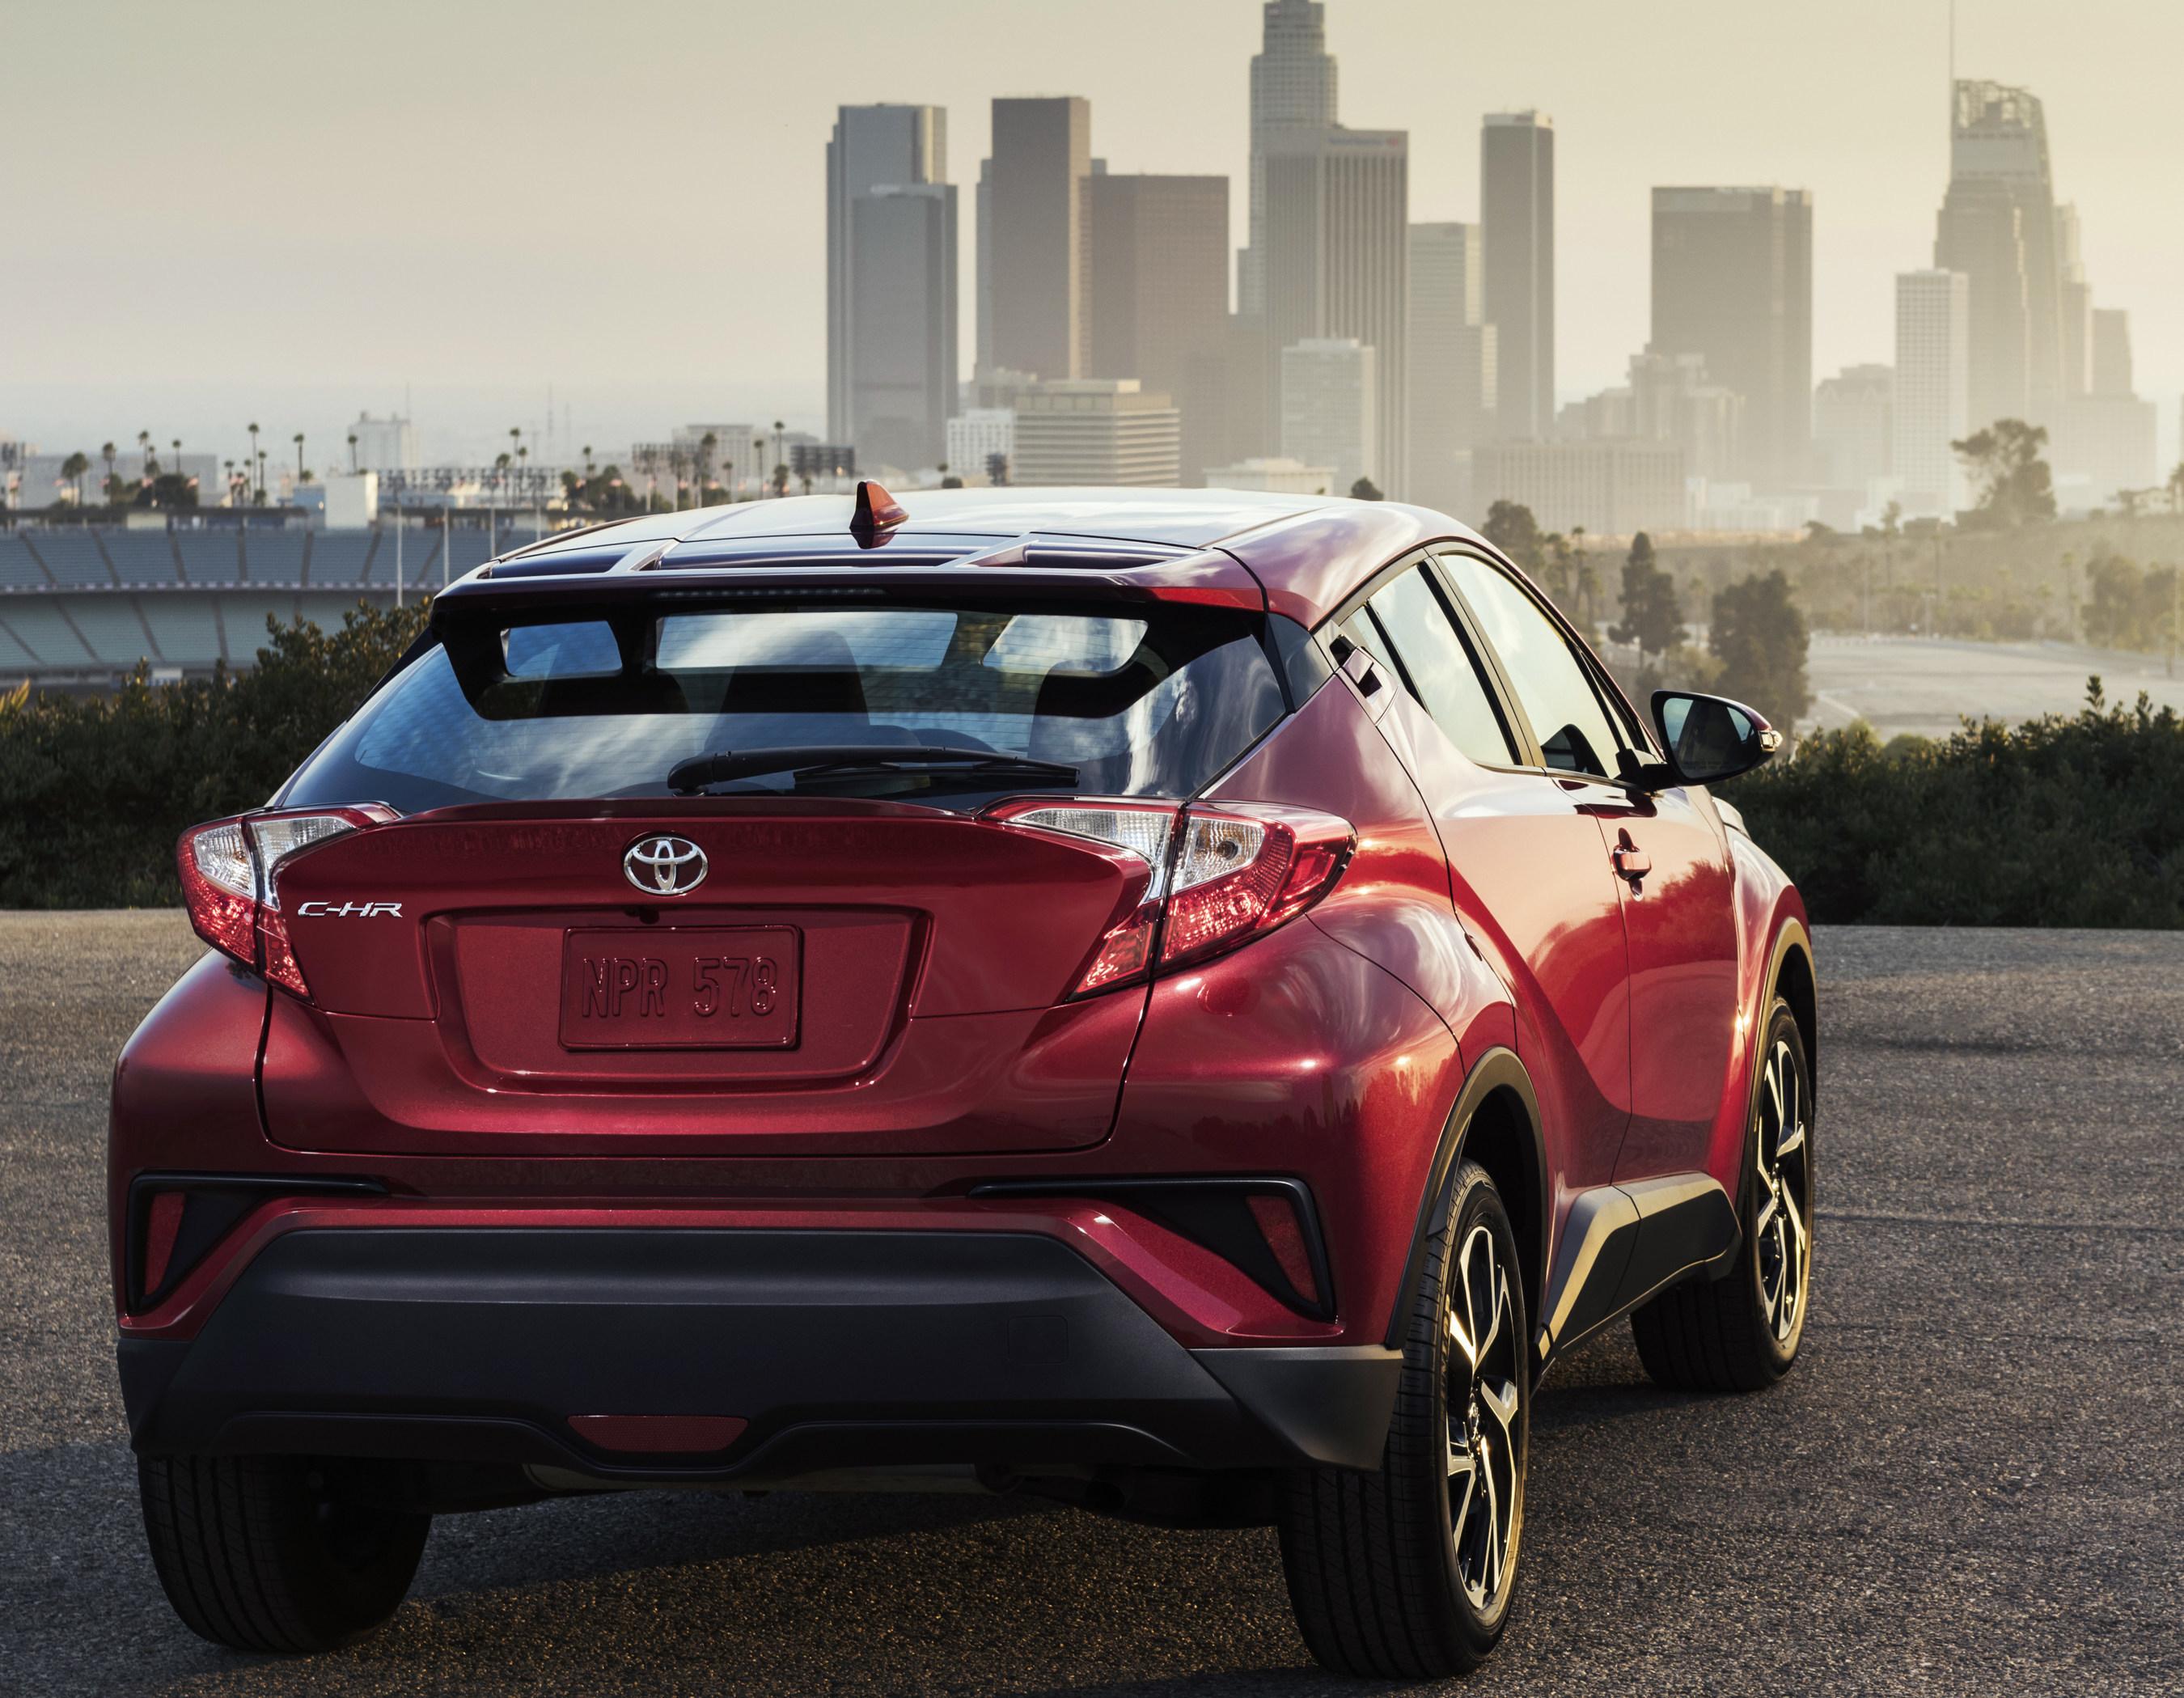 El totalmente nuevo Toyota C-HR se revelo en el Auto Show de Los Angeles el jueves 17 de noviembre...mas alla de lo inesperado.